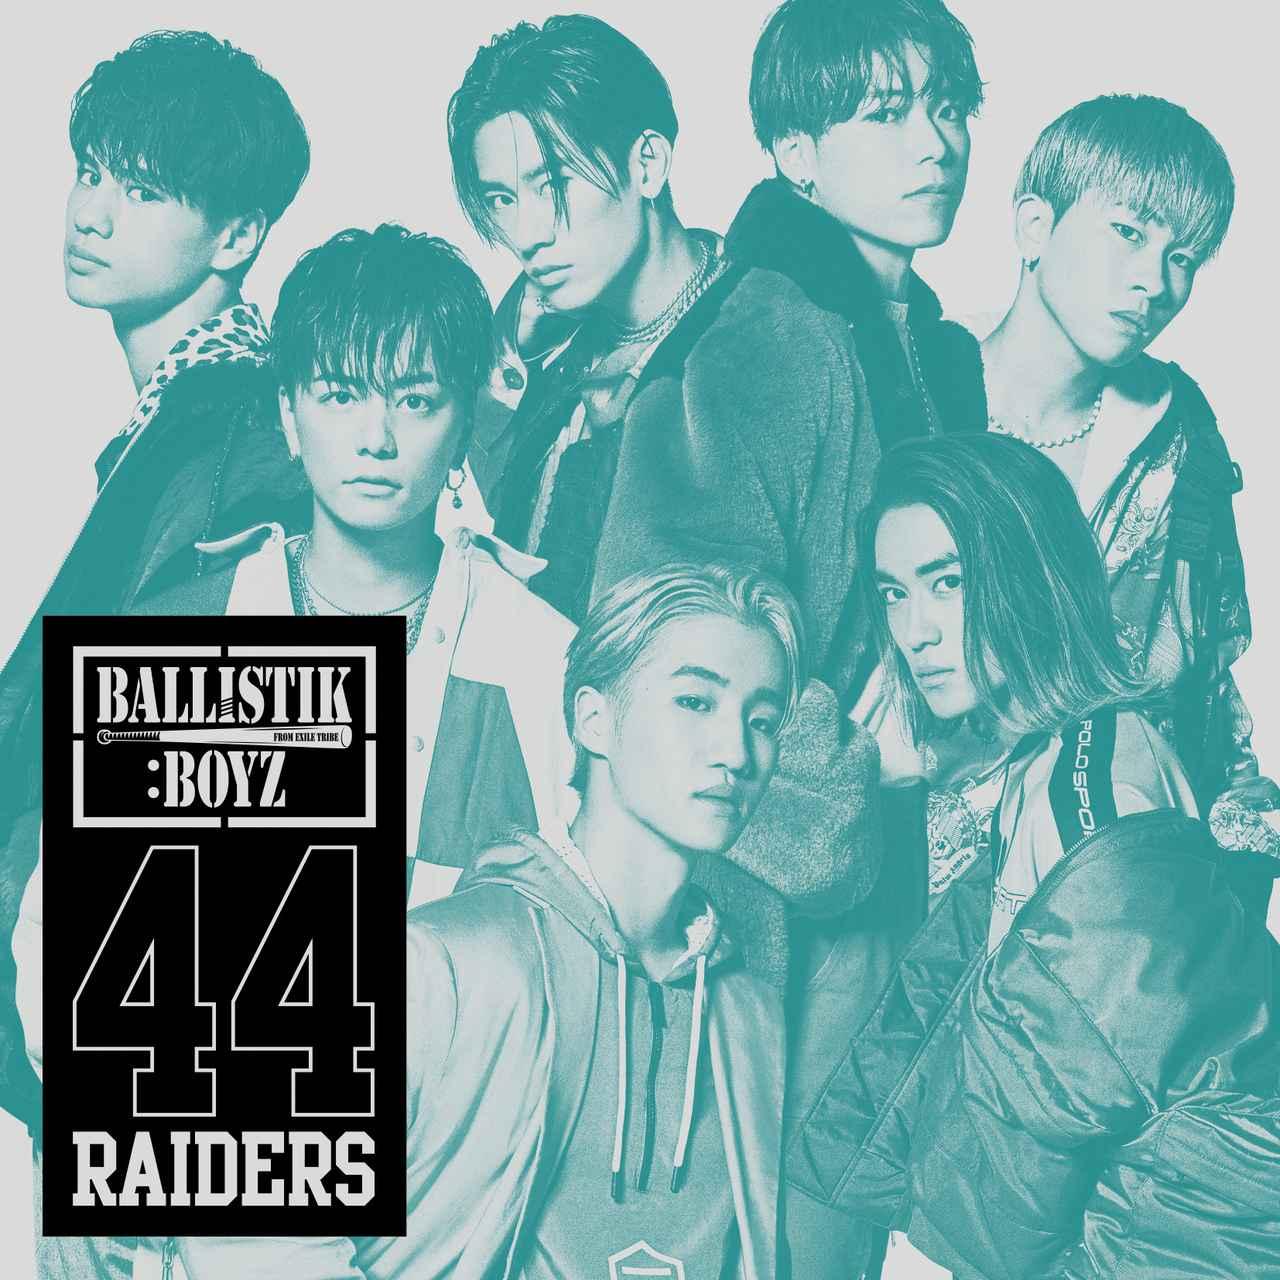 画像: 【「44RAIDERS」Music Video公開 & 配信スタート!!】BALLISTIK BOYZ from EXILE TRIBE 1st Single『44RAIDERS』10/23(水)Release!   NEWS   EXILE TRIBE mobile